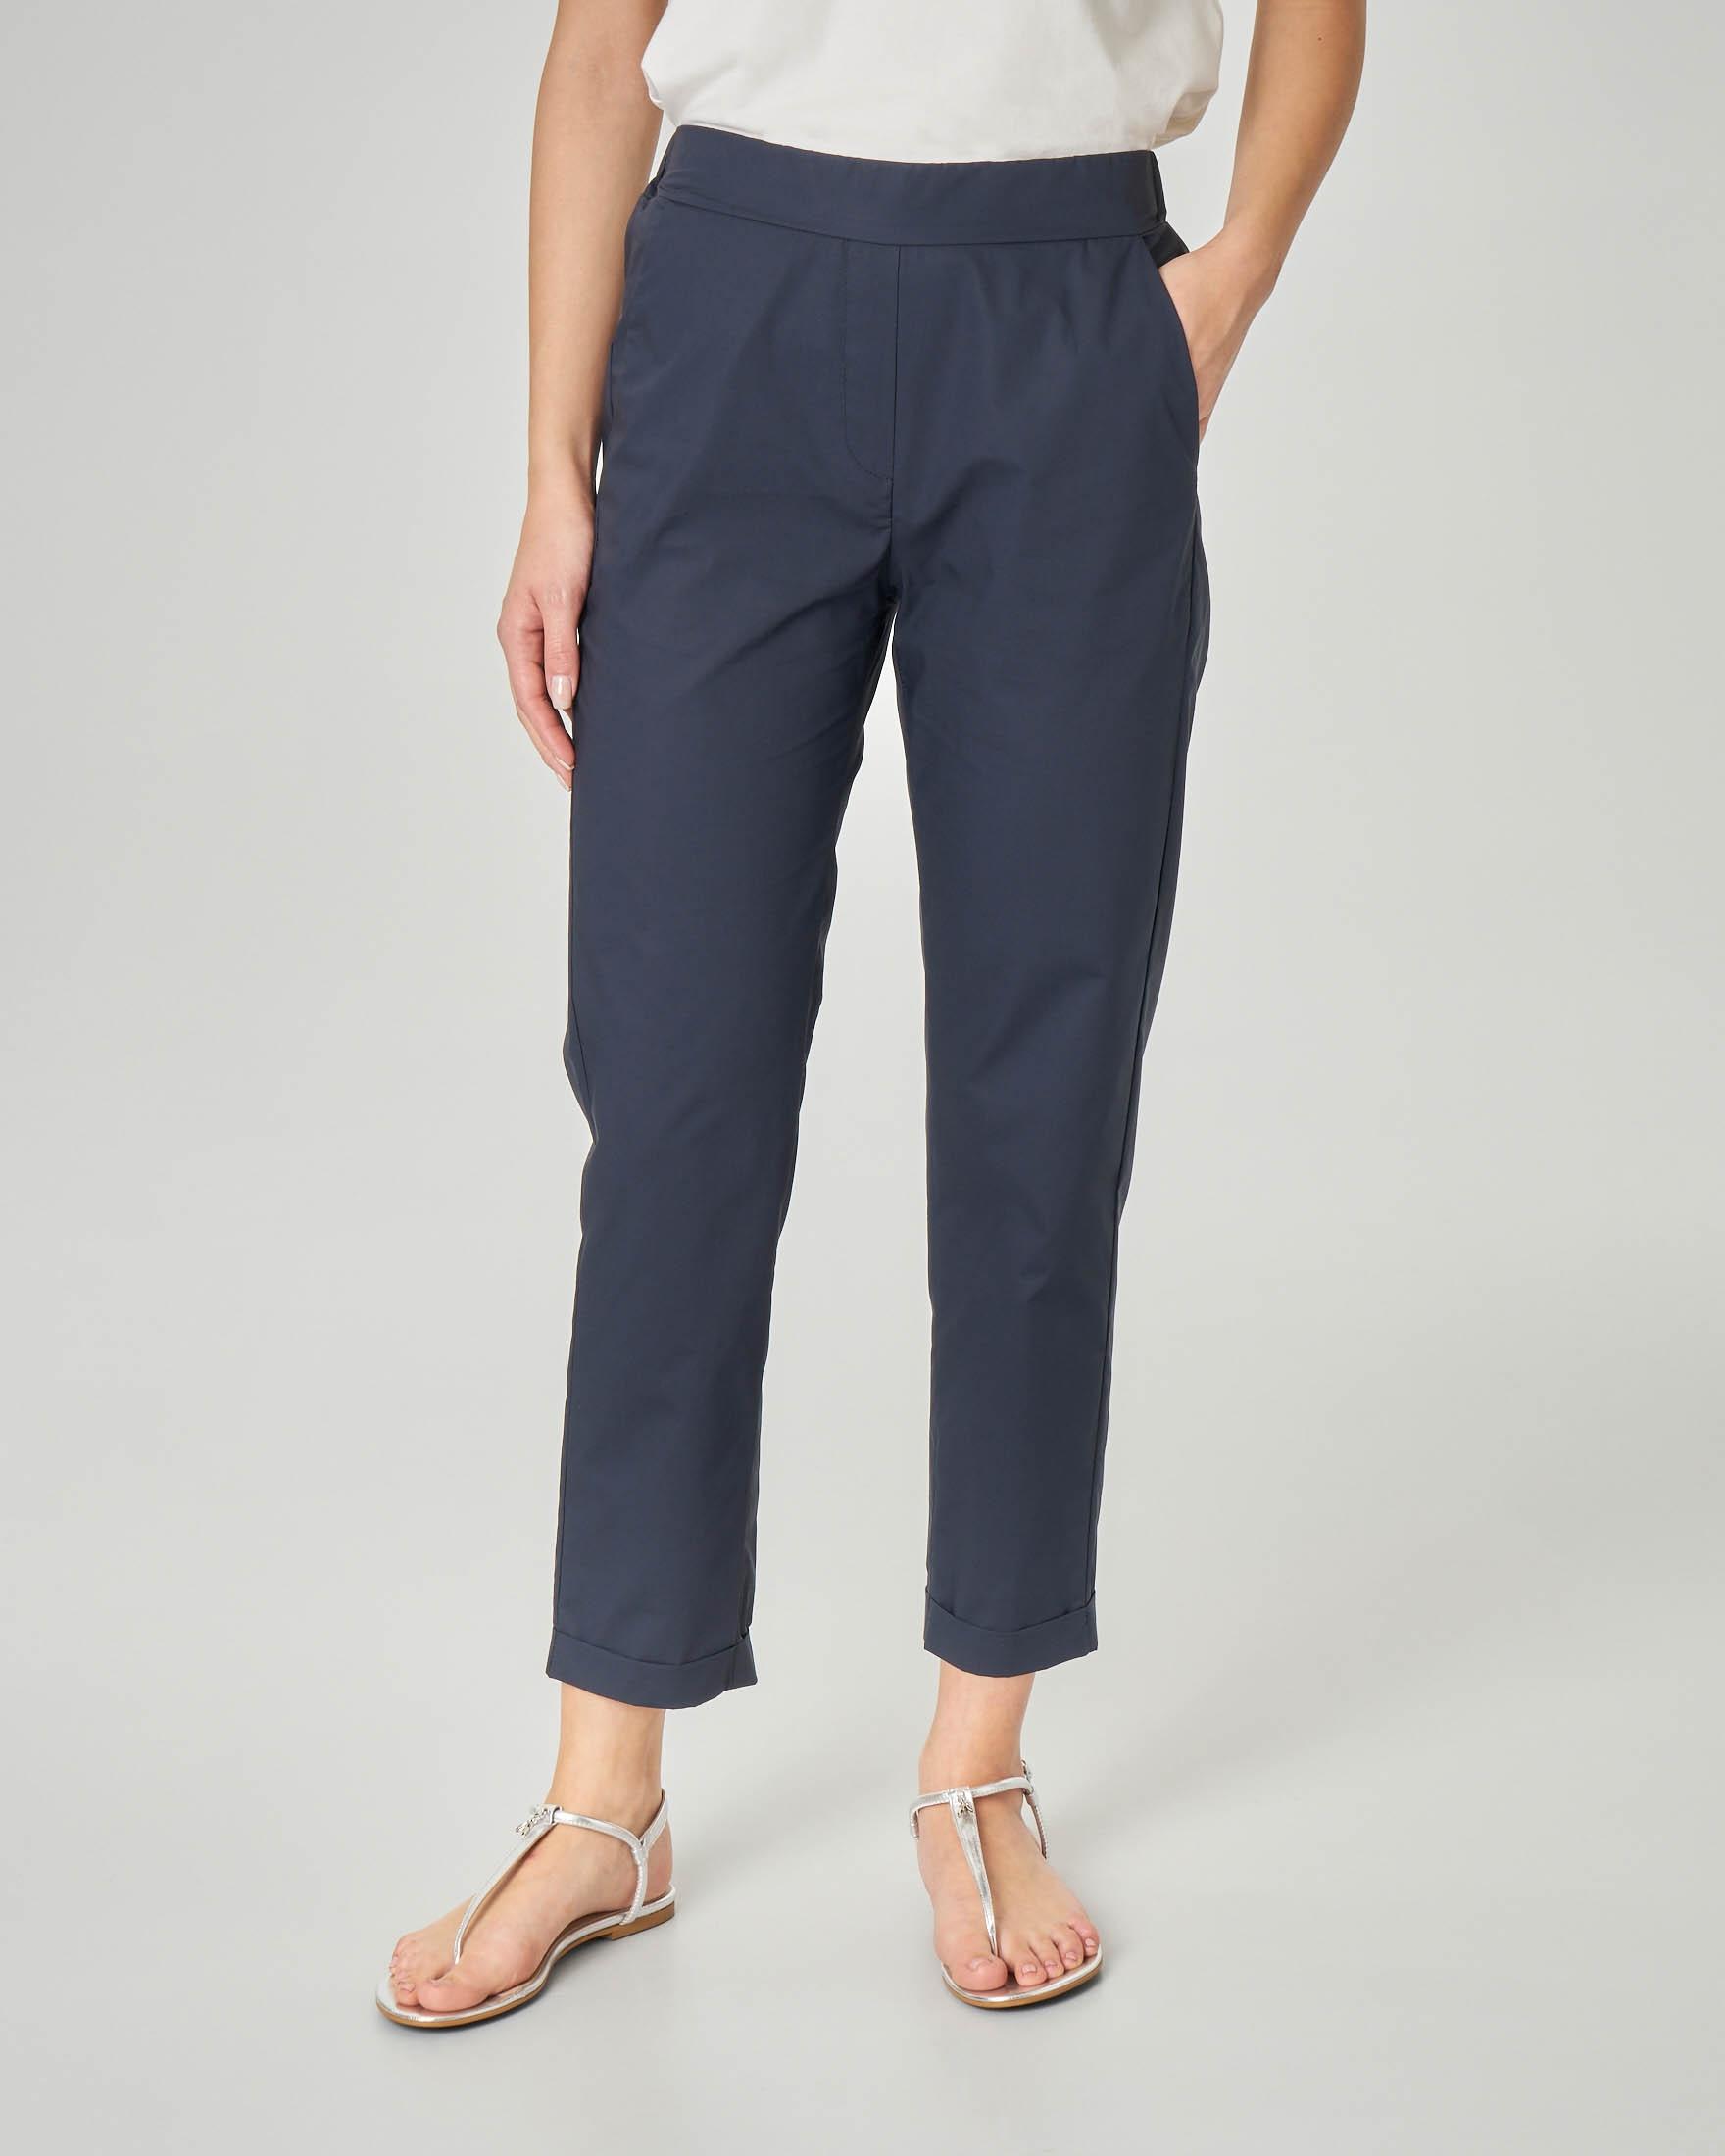 Straight Elastico Pantaloni In Risvolto Cotone Con E Alla Caviglia Vita Blu PkZiOXu